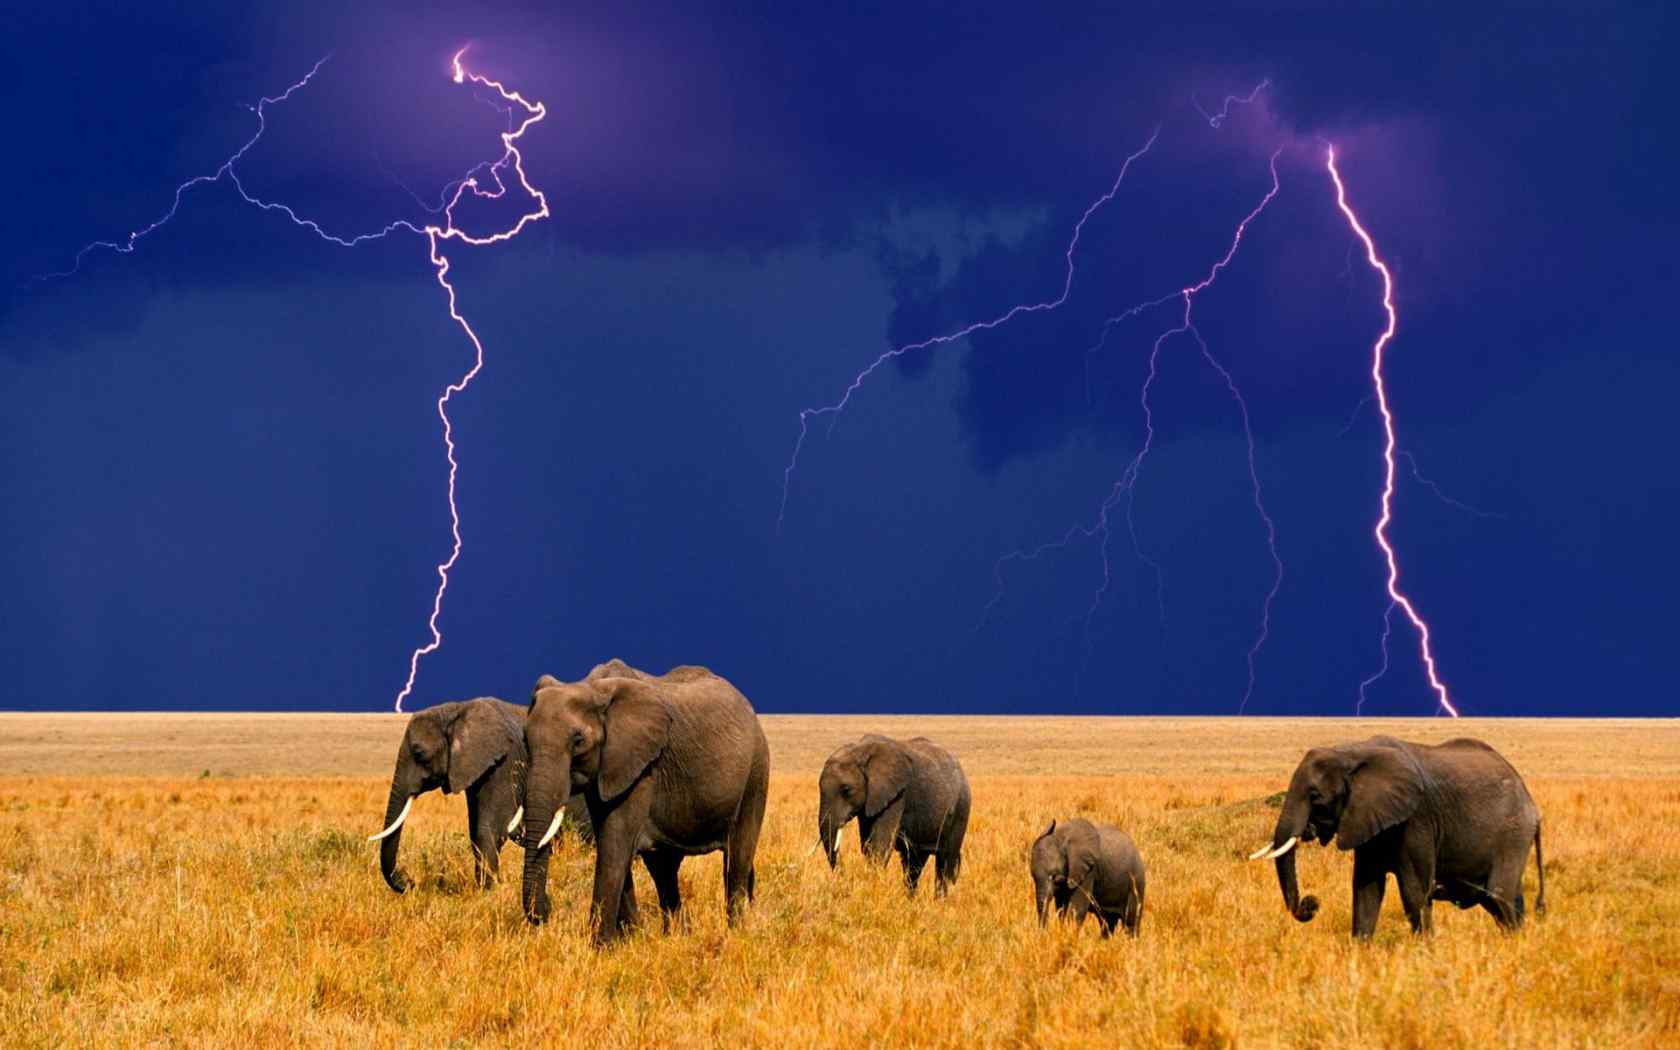 草原上成群结队的大象桌面壁纸